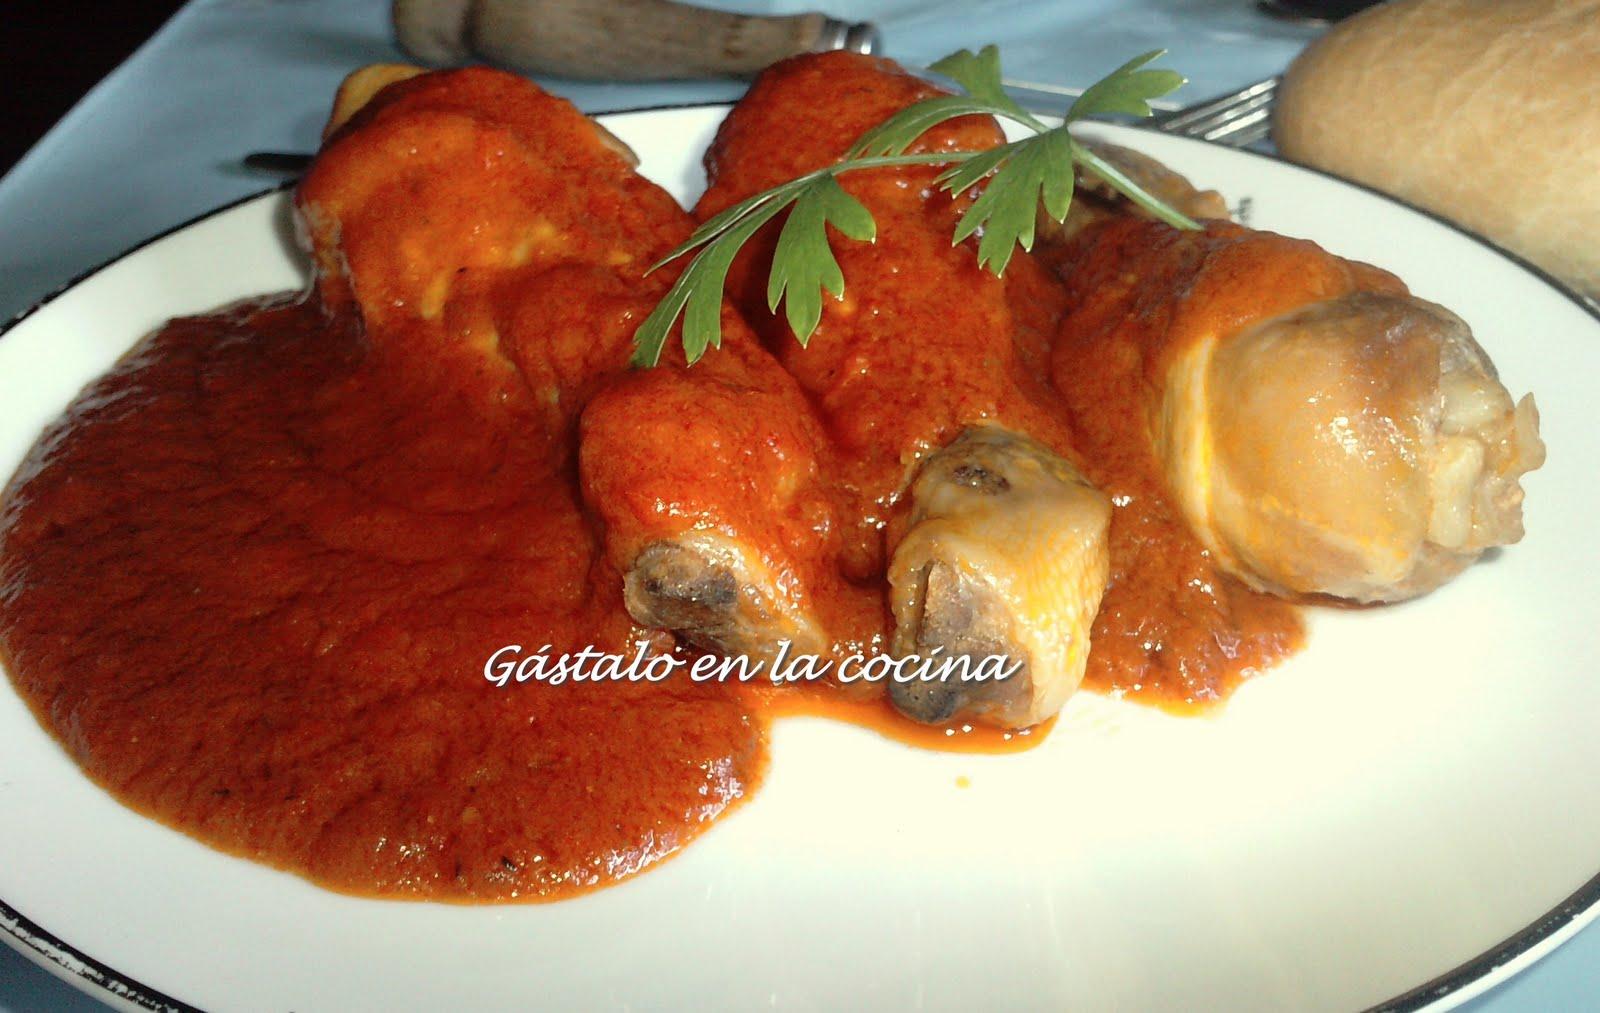 G stalo en la cocina muslitos de pollo en salsa - Muslitos de pollo ...